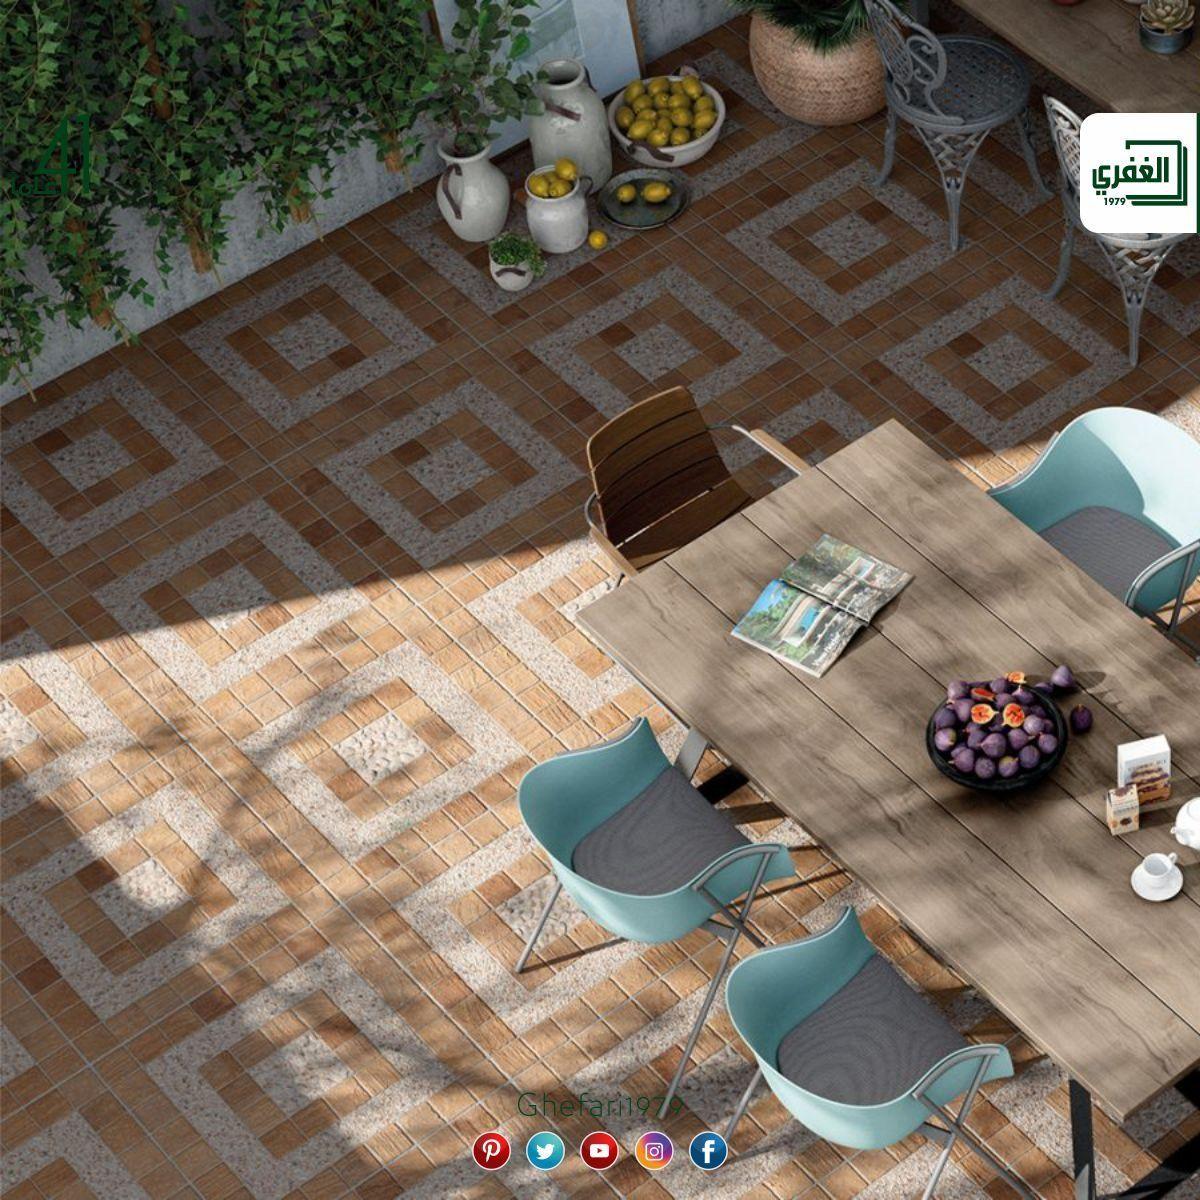 بورسلان ارضي أسباني للاستخدام الخارجي للحدائق اماكن اخرى للمزيد زورونا على موقع الشركة Https Www Ghefari Com Ar Apo Home Decor Decor Contemporary Rug